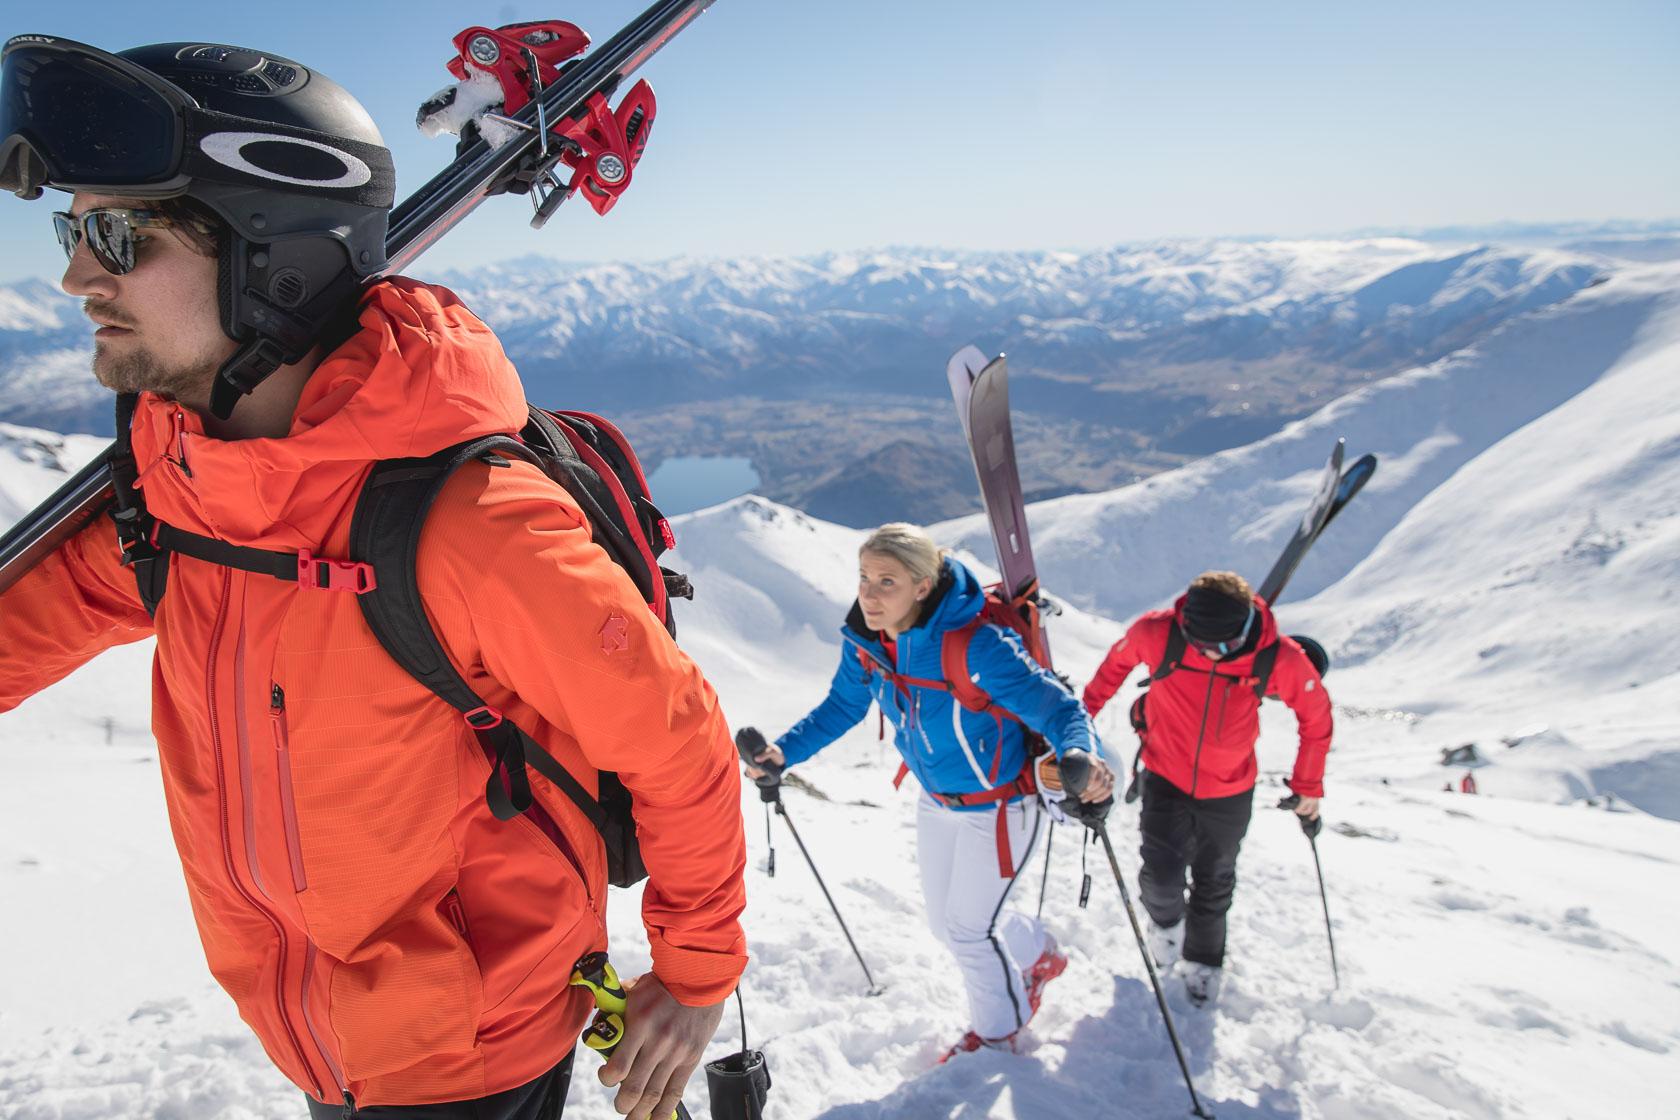 Descente Ski Wear Brand Video